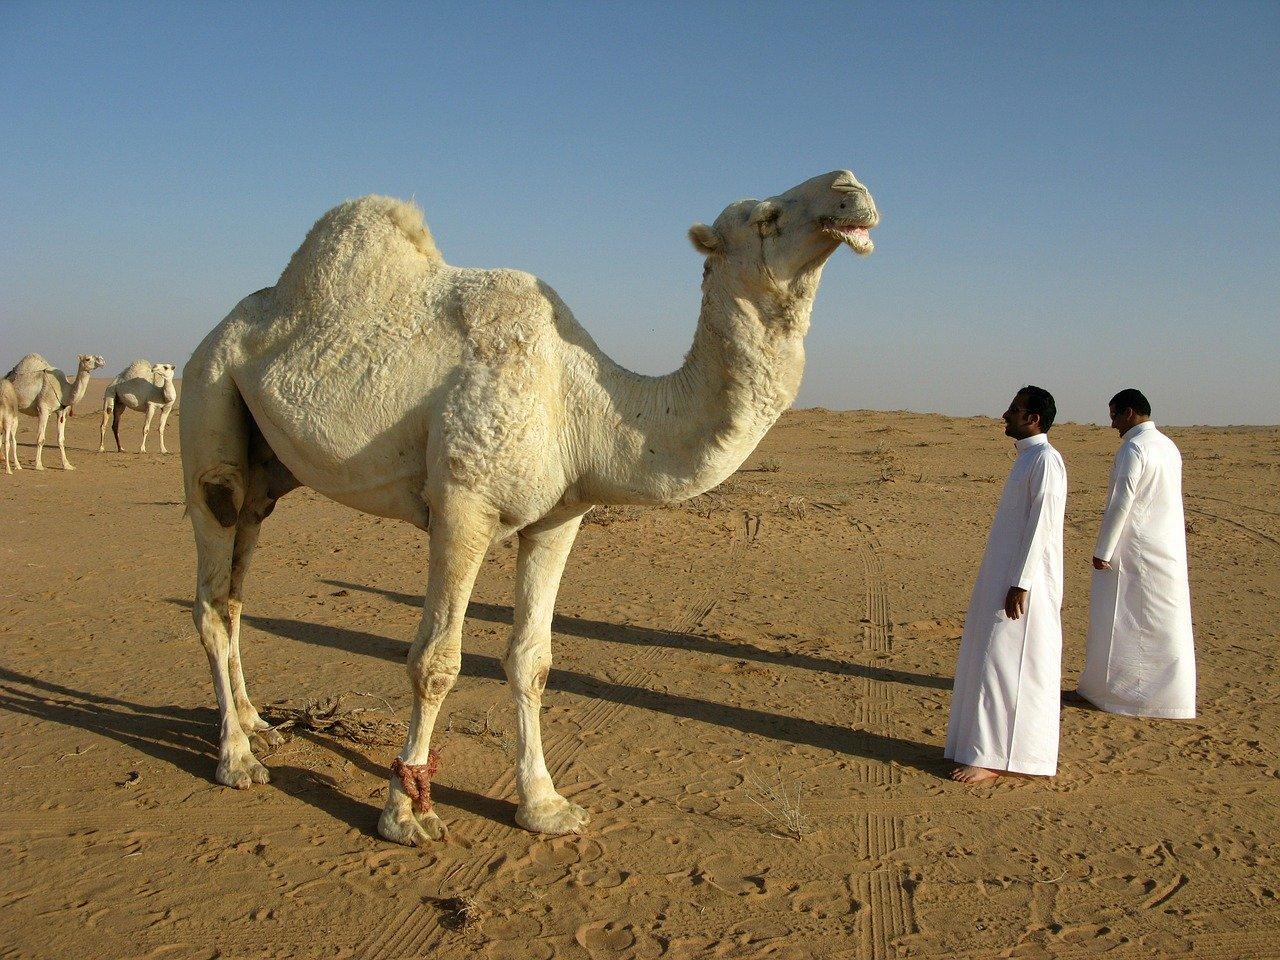 saudi arabia visa application form uk